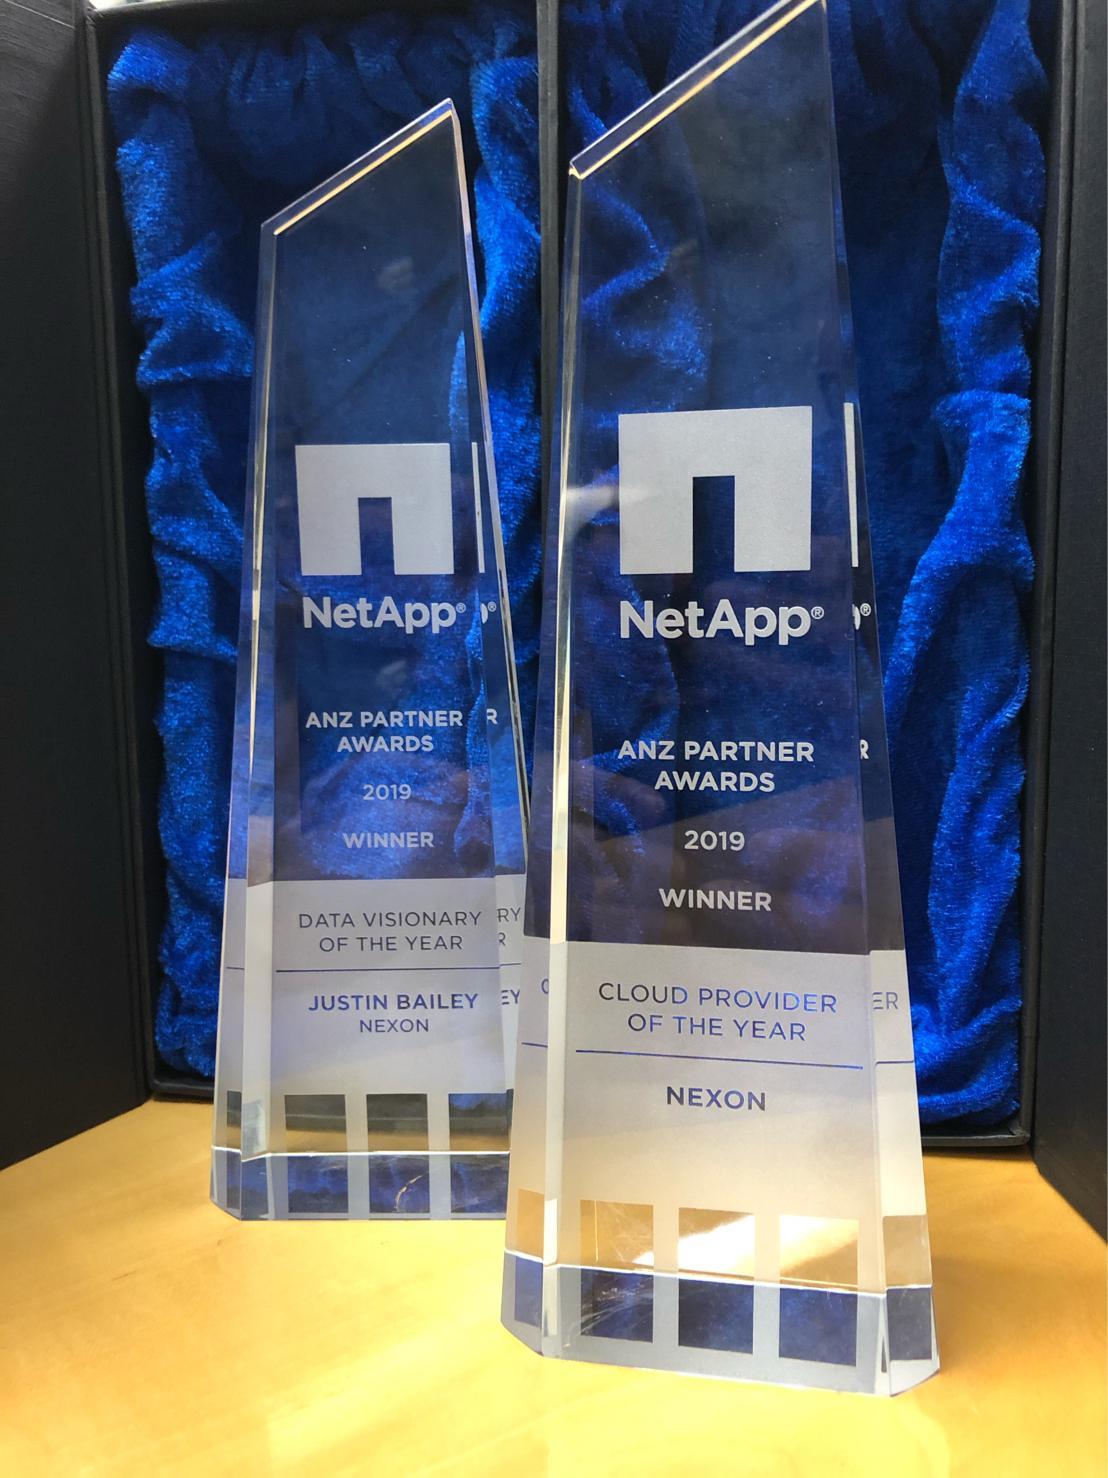 NetApp Partner Awards 2019